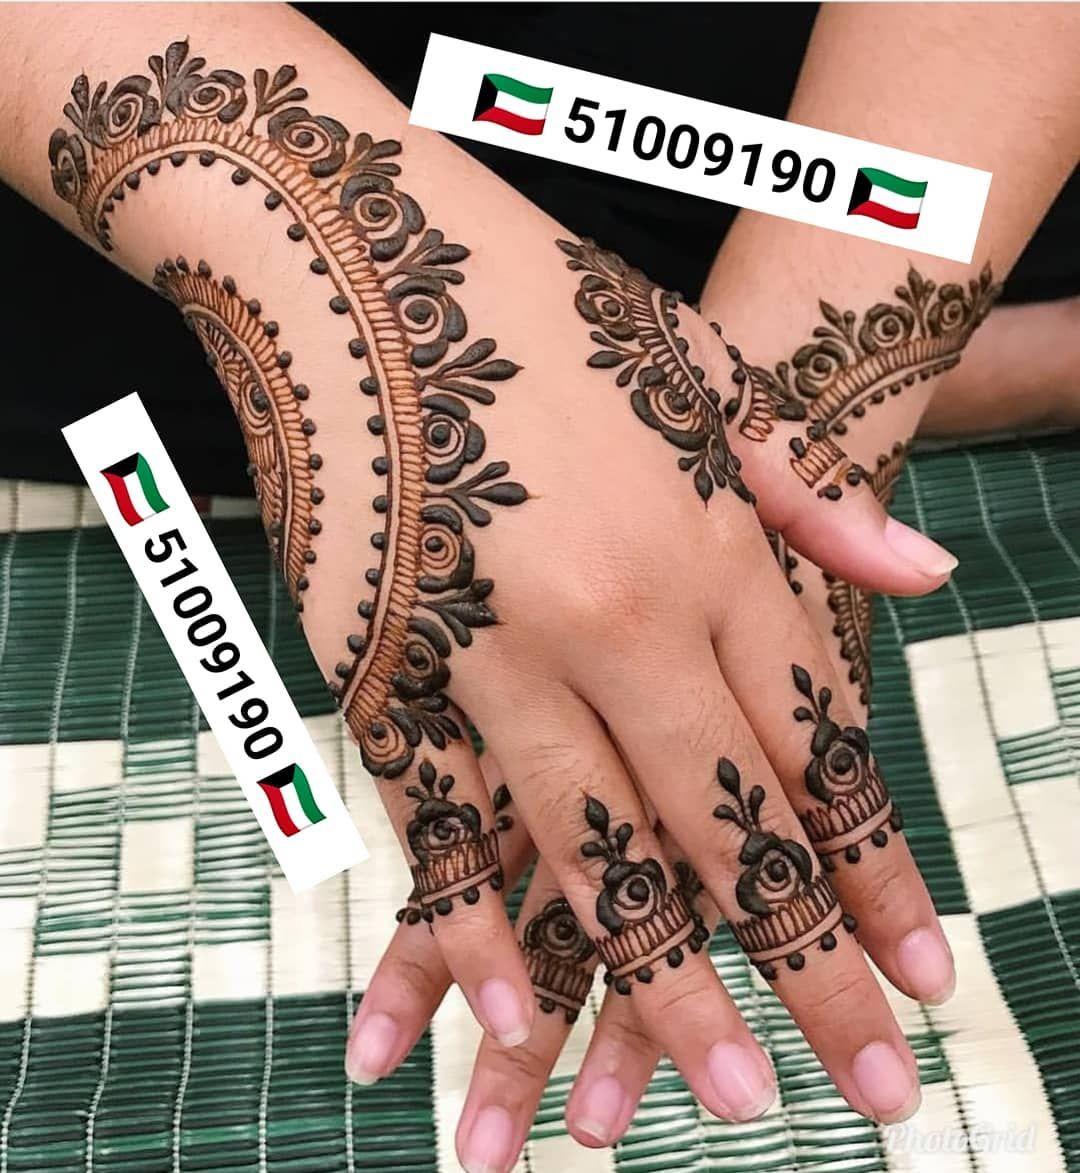 الحناء تسنيم للحناء في شهر رمضان و قرقعان استقبلي الشهر الفضيل مع اجمل نقوش الحناء نقوش حناءعلى شكل هلال و نجمة من م New Henna Designs Henna Designs Henna